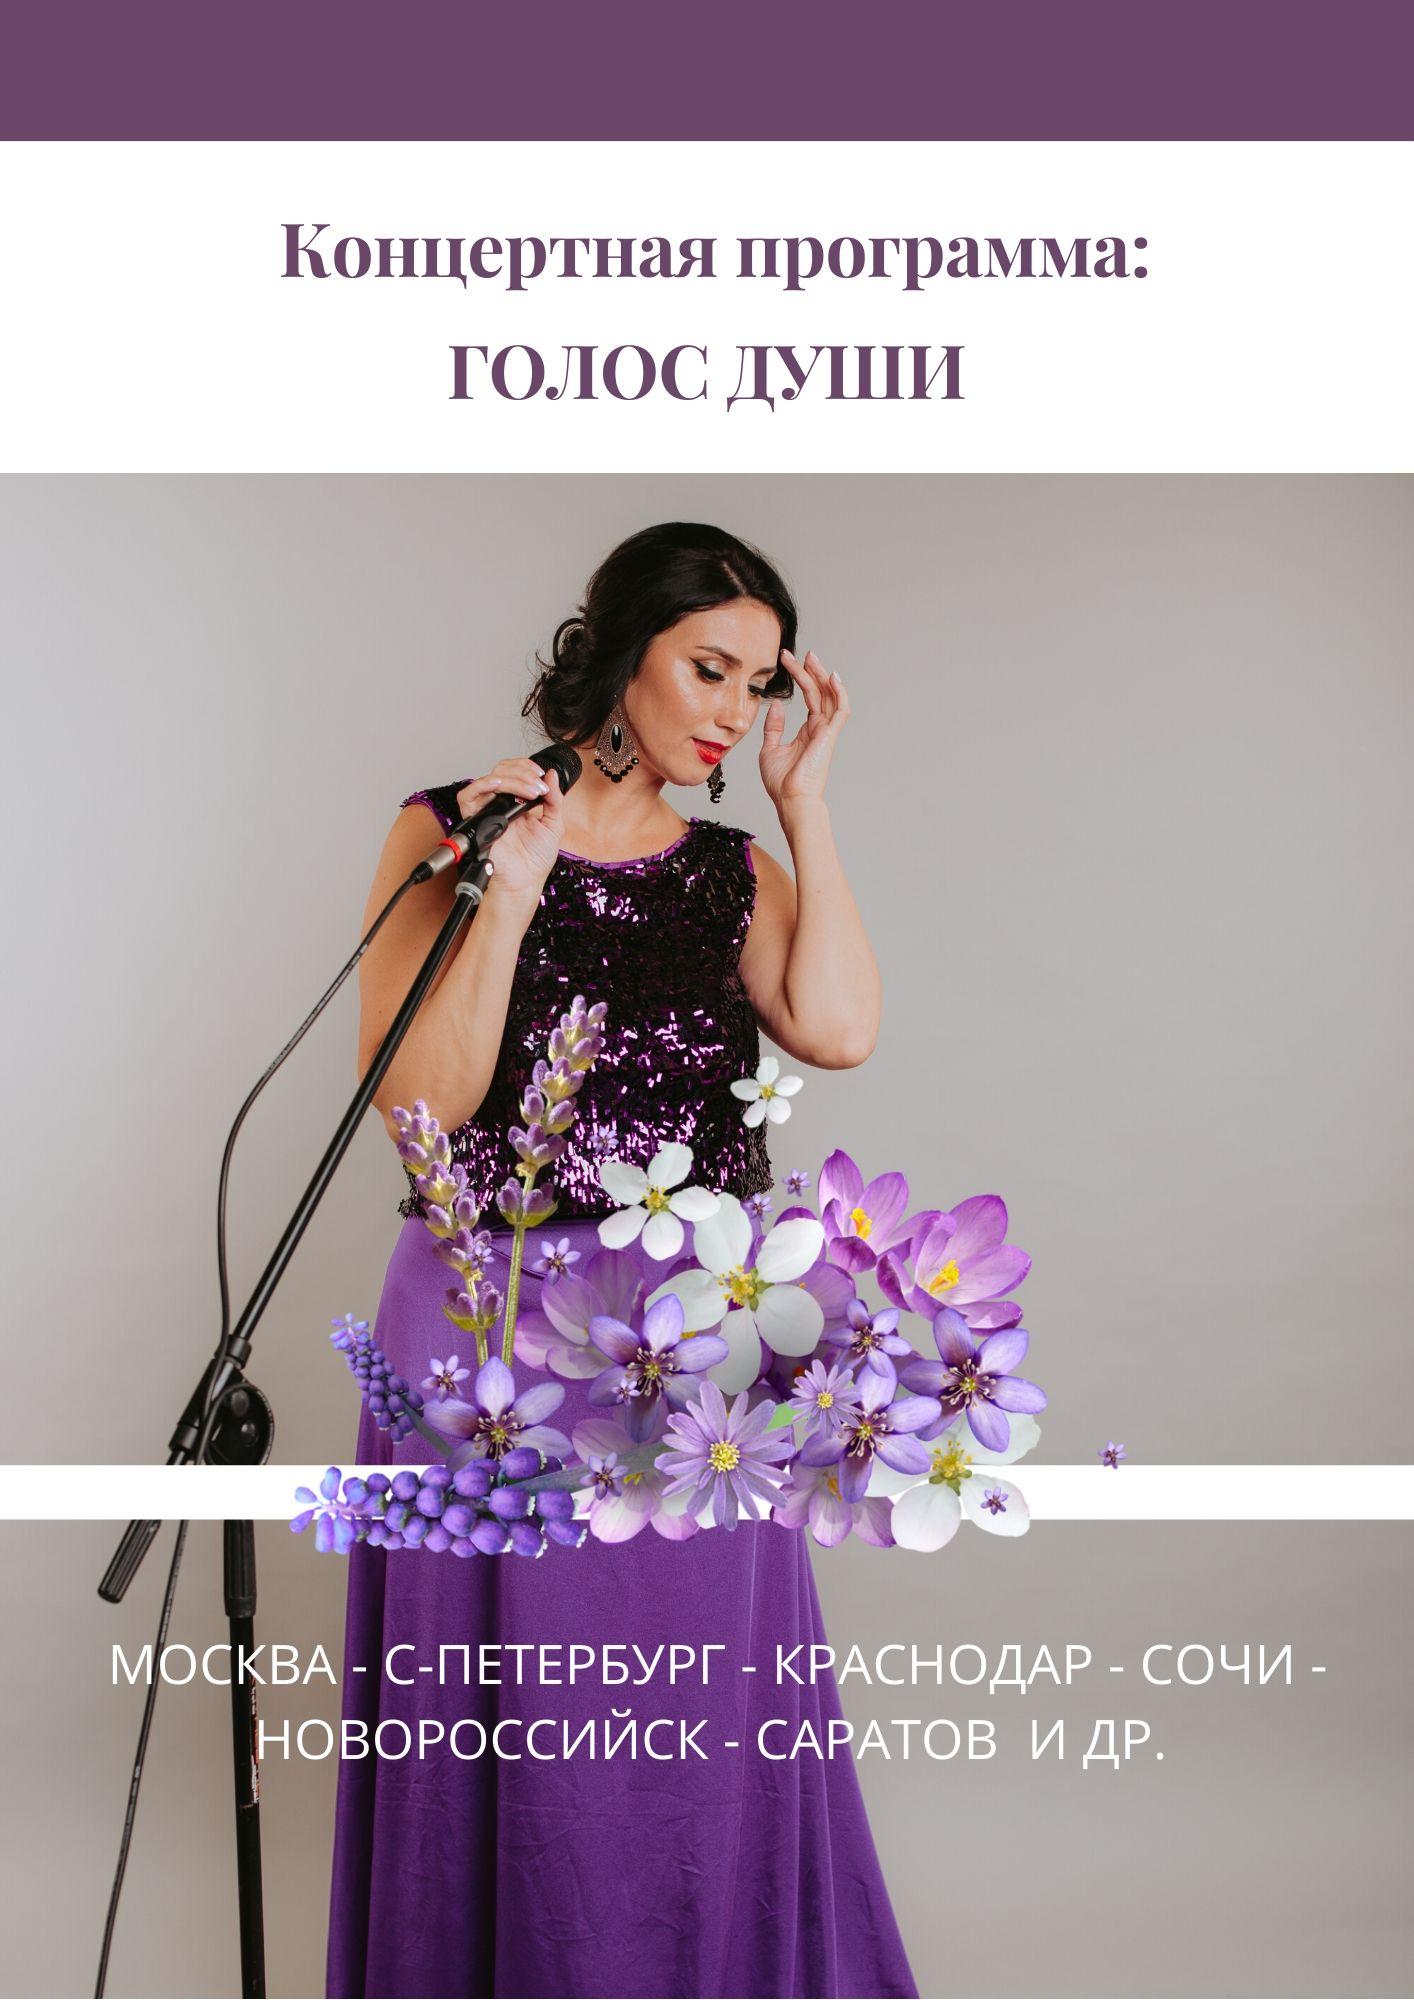 вераслава концерт голос души